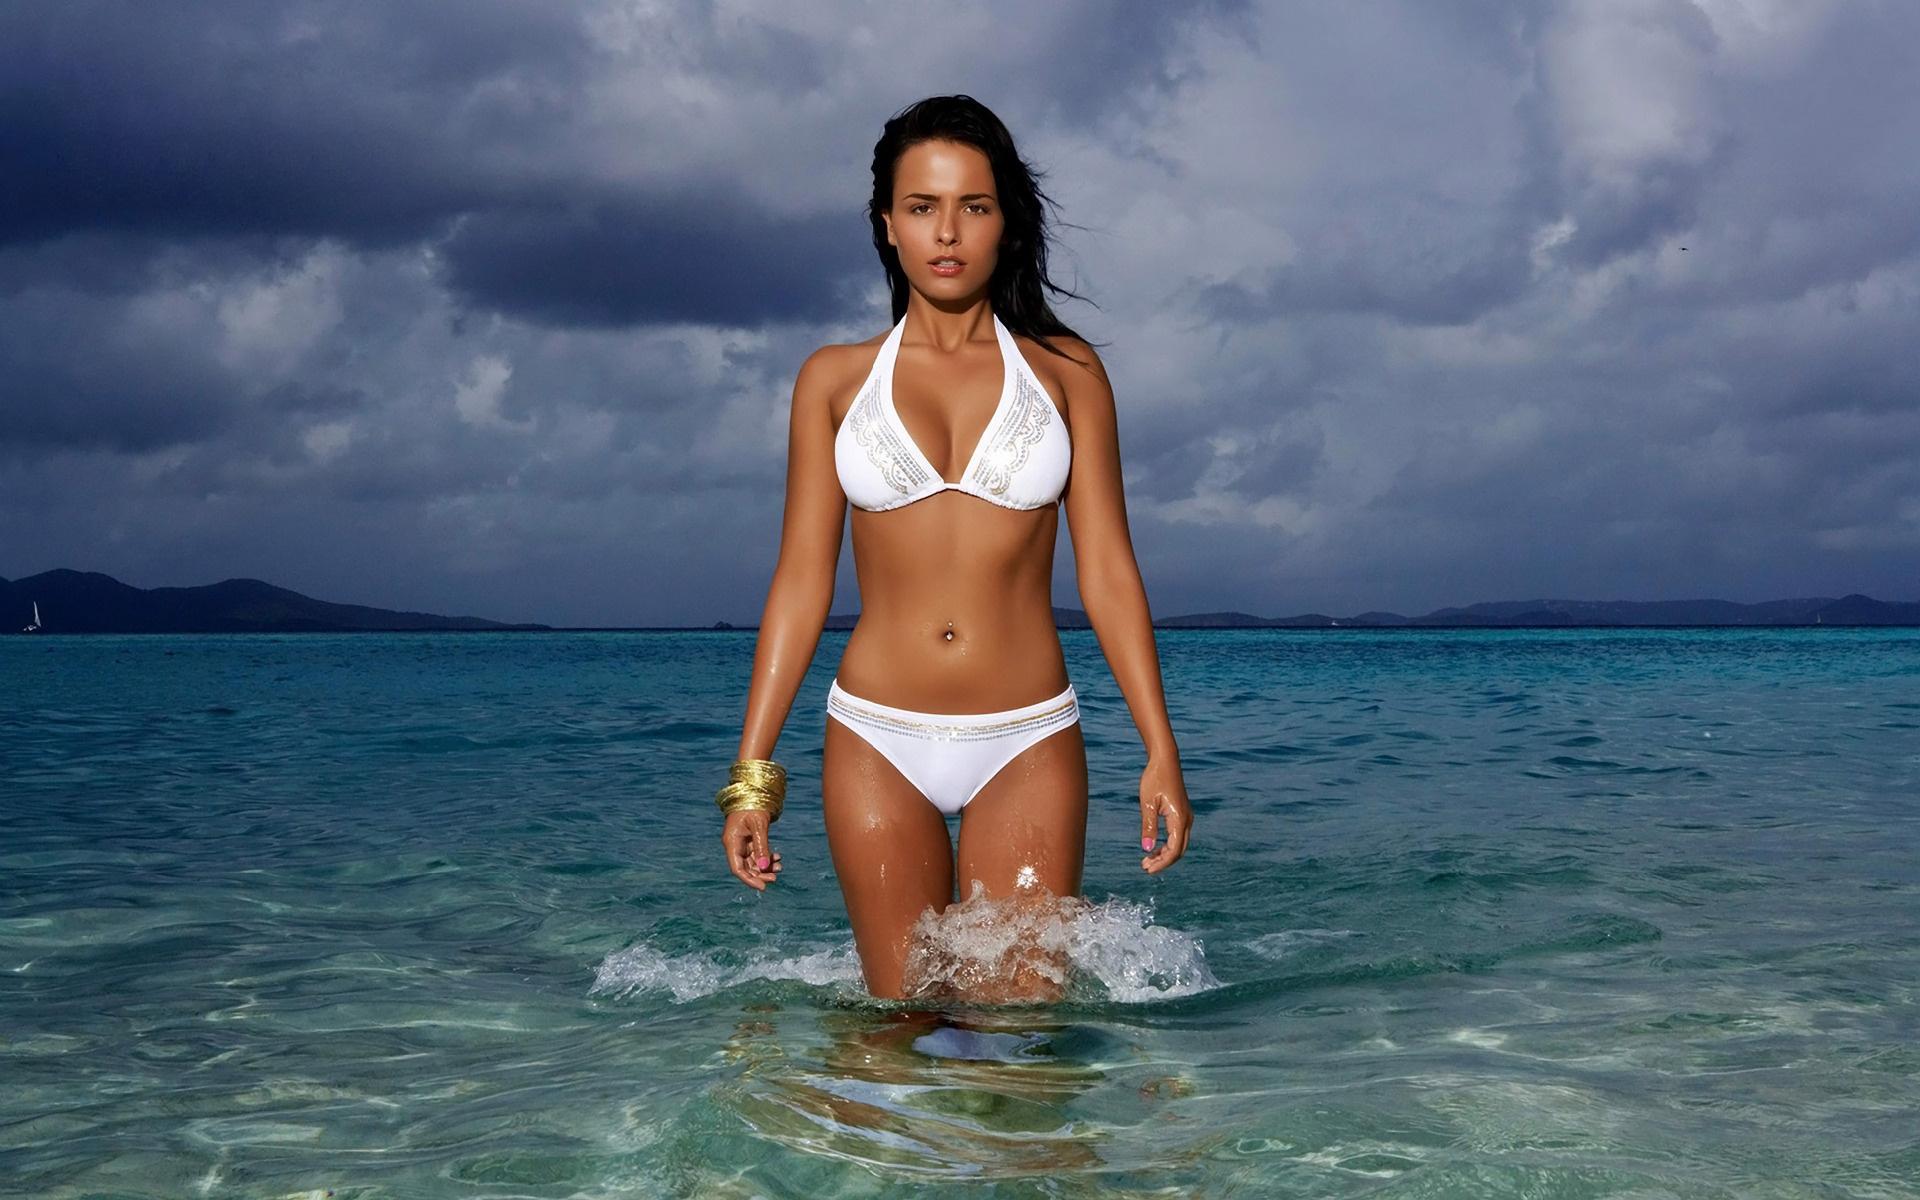 Beach Girl Bikini Desktop Wallpaper 720 1920x1200 px 1920x1200